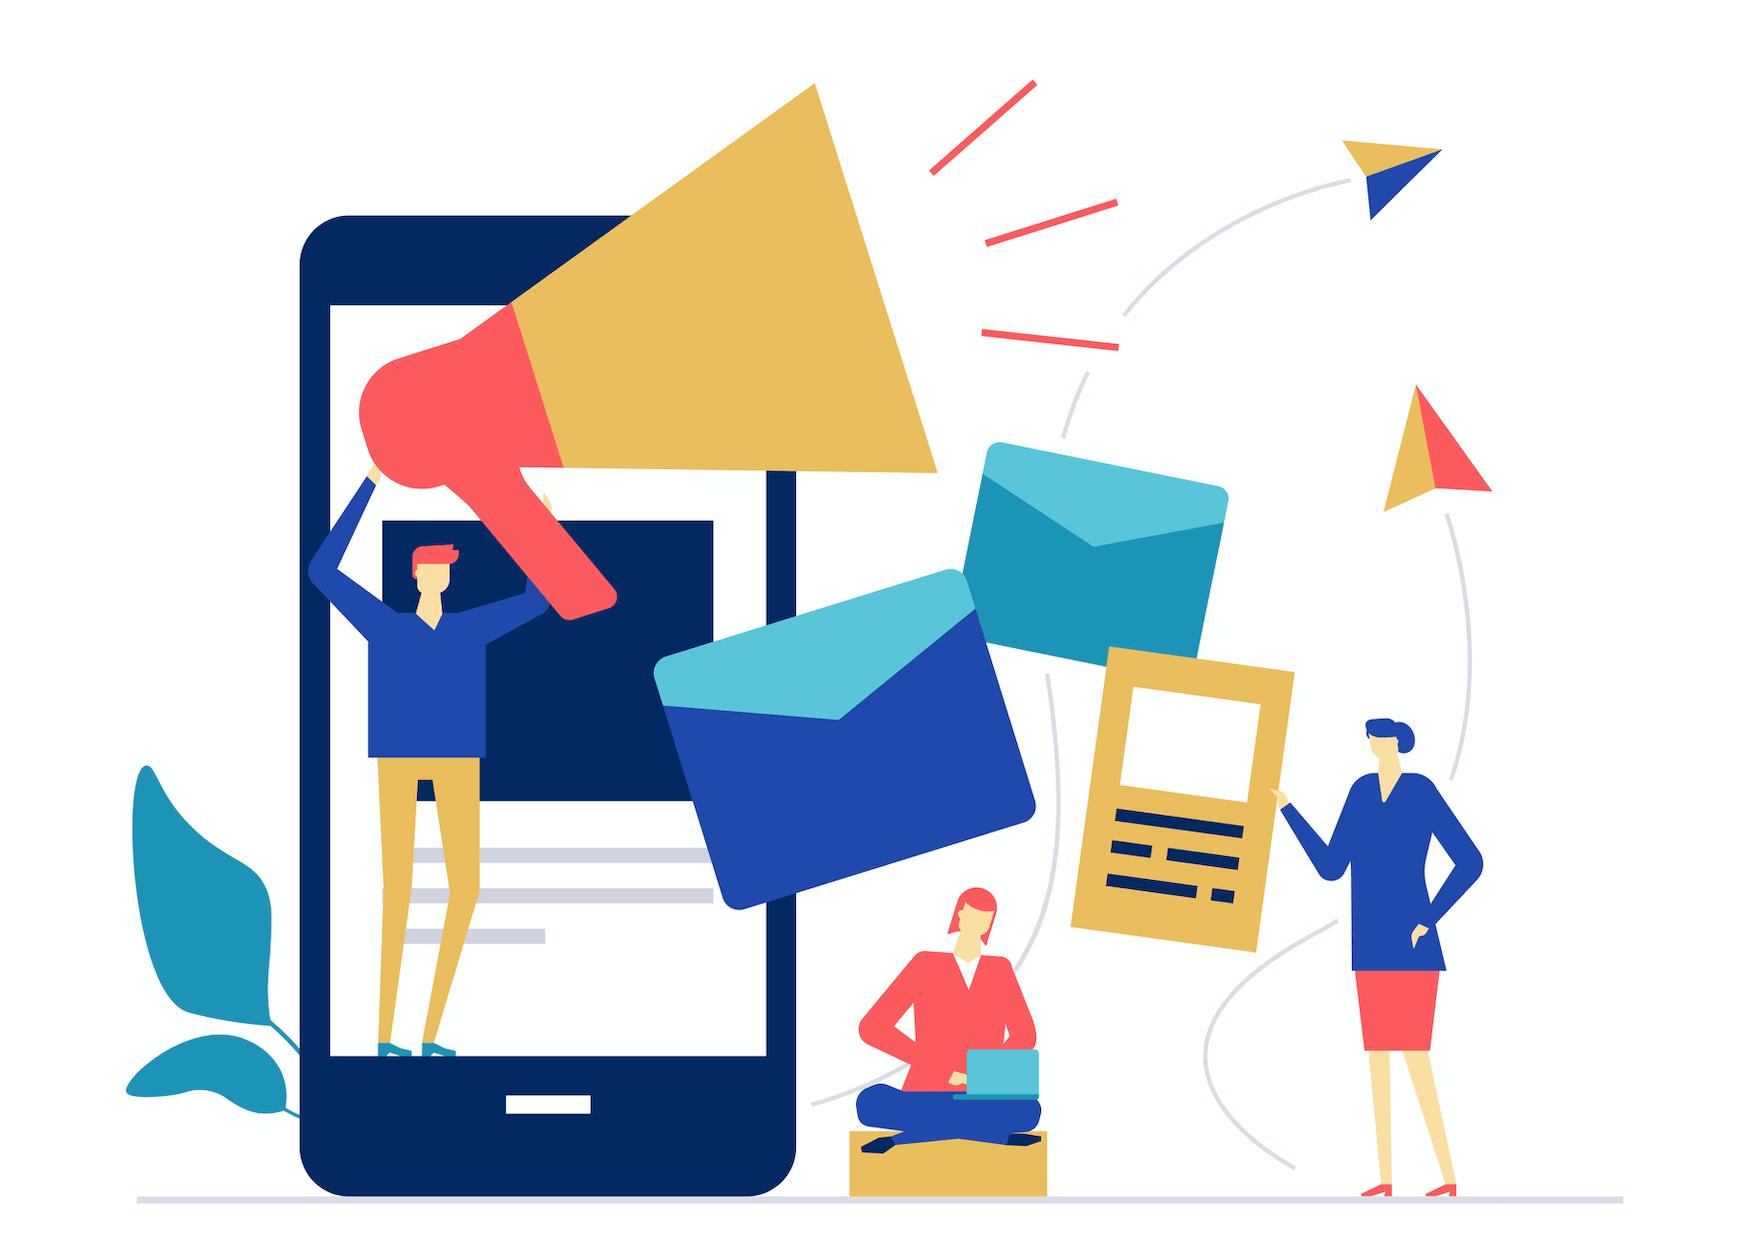 Sistema de Información de Marketing: ¿qué es y para qué sirve?